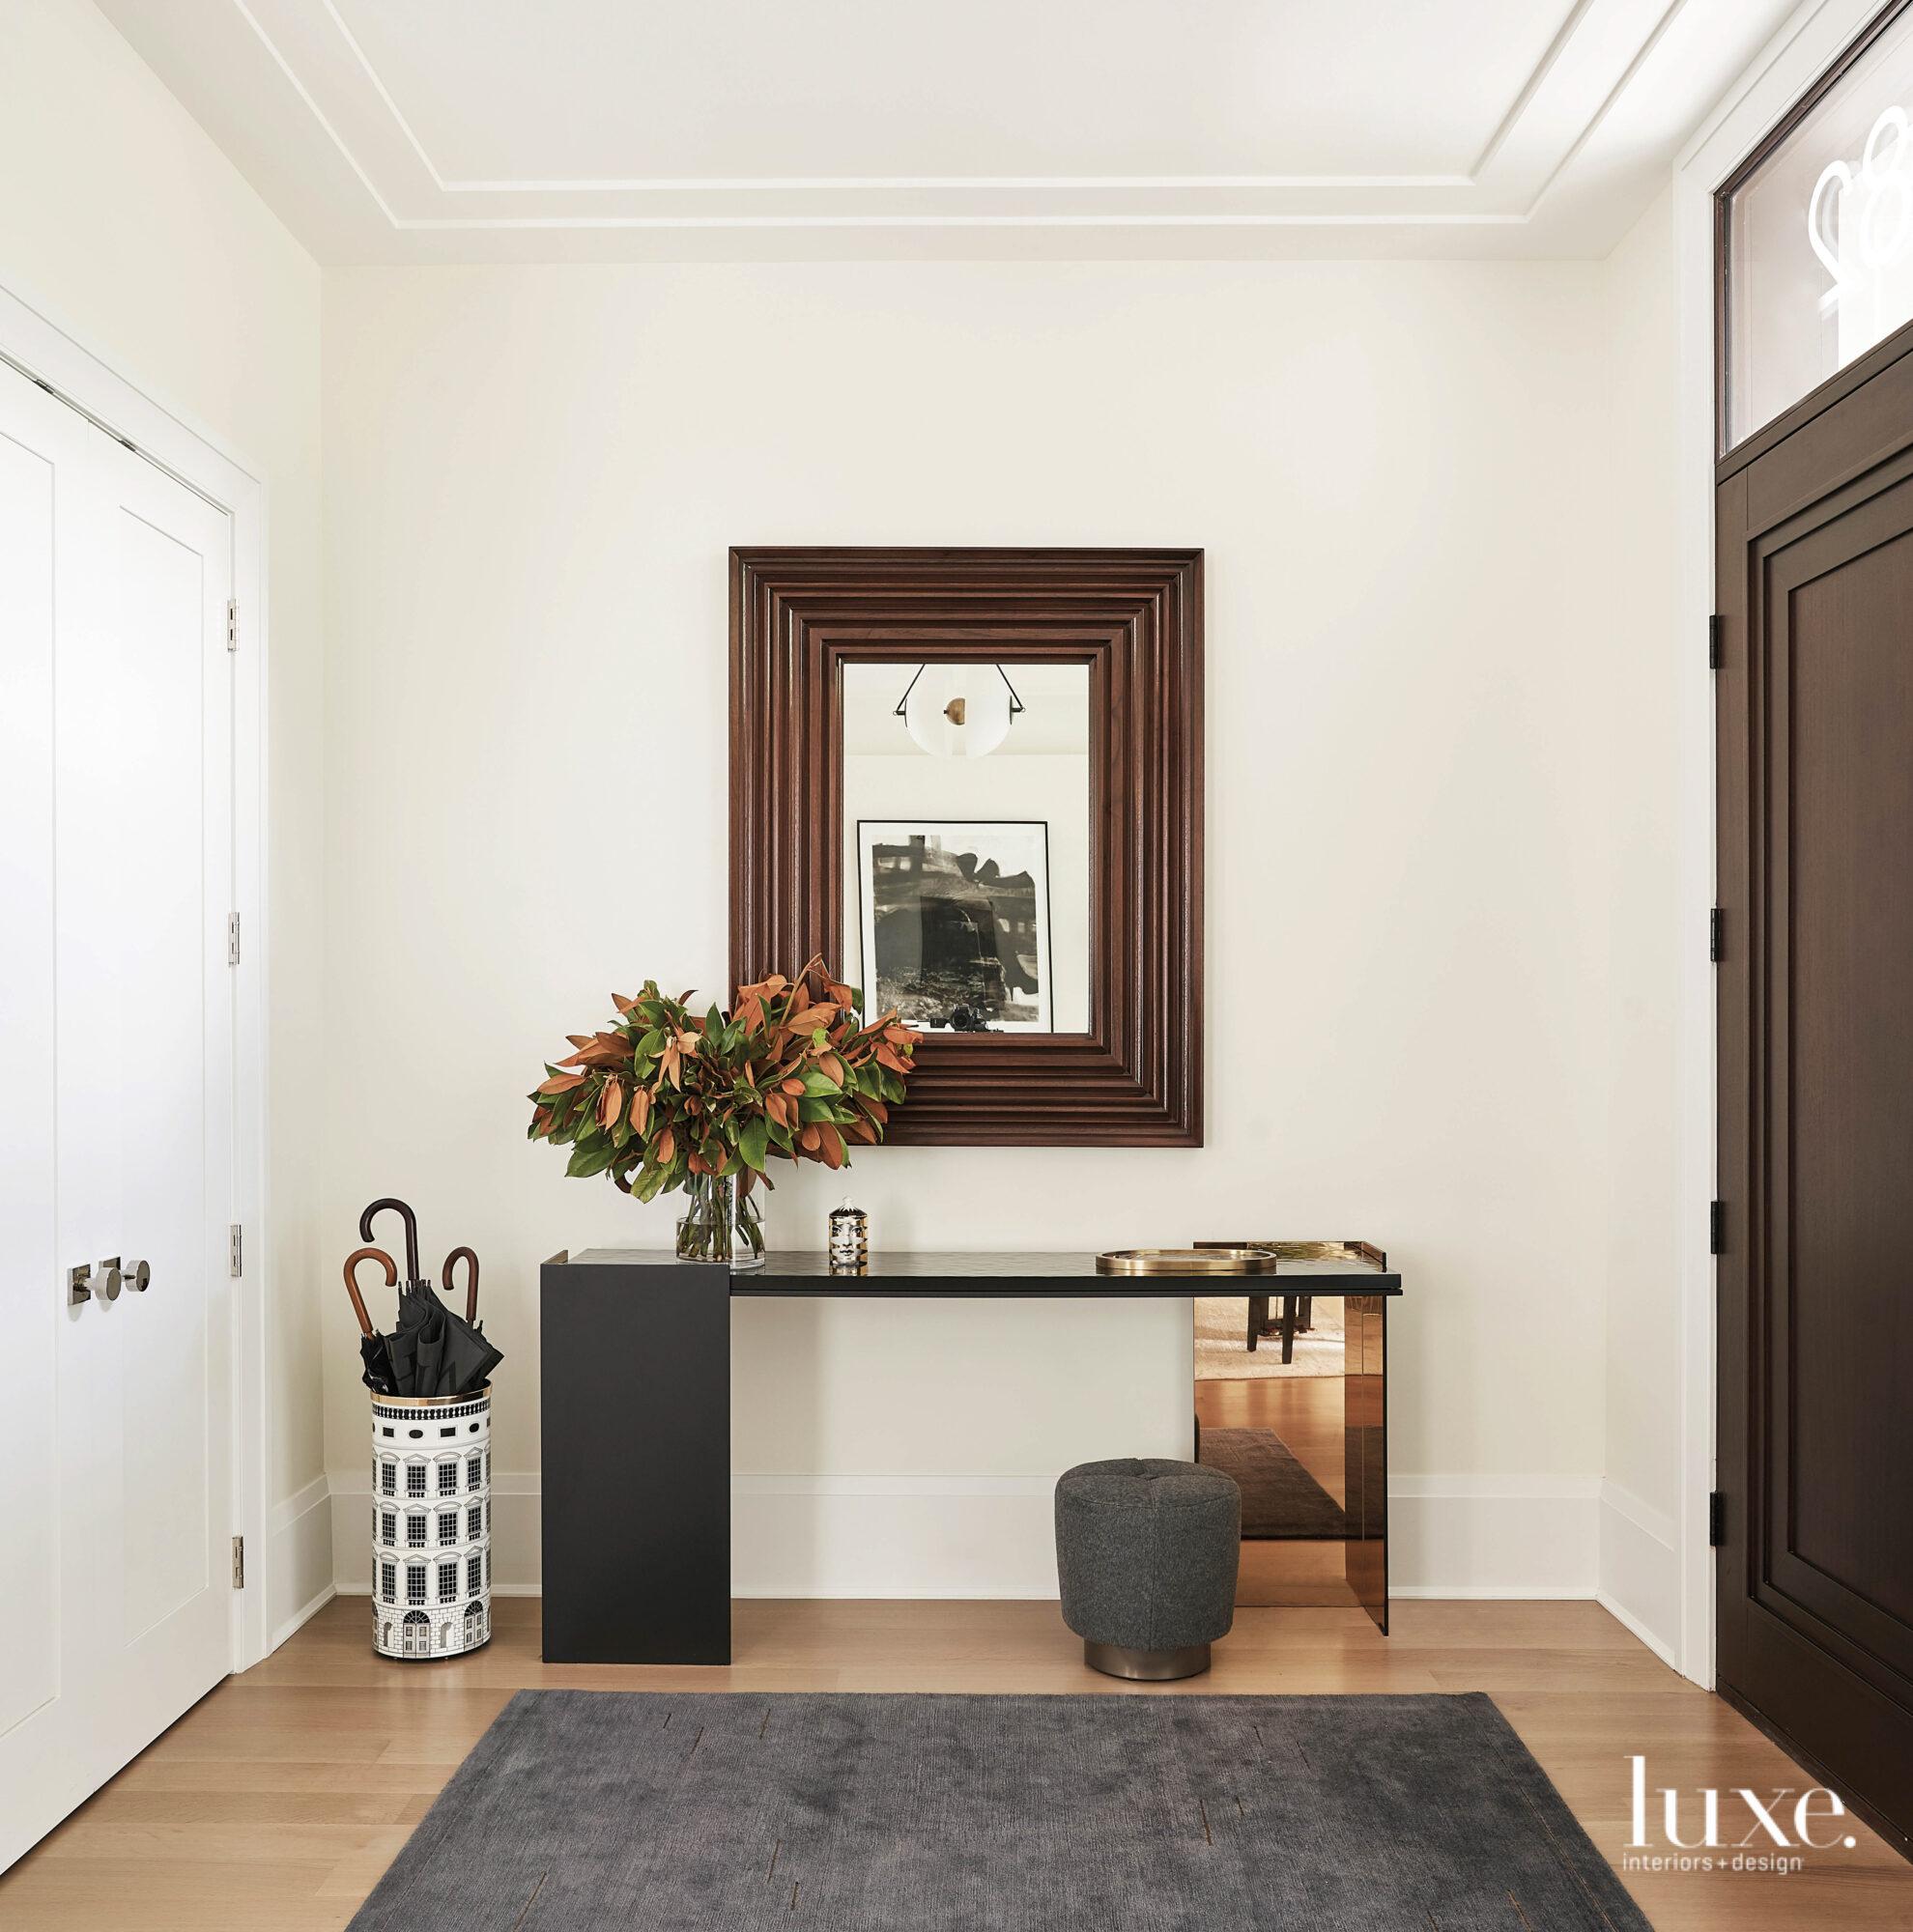 The foyer's gray rug, black...